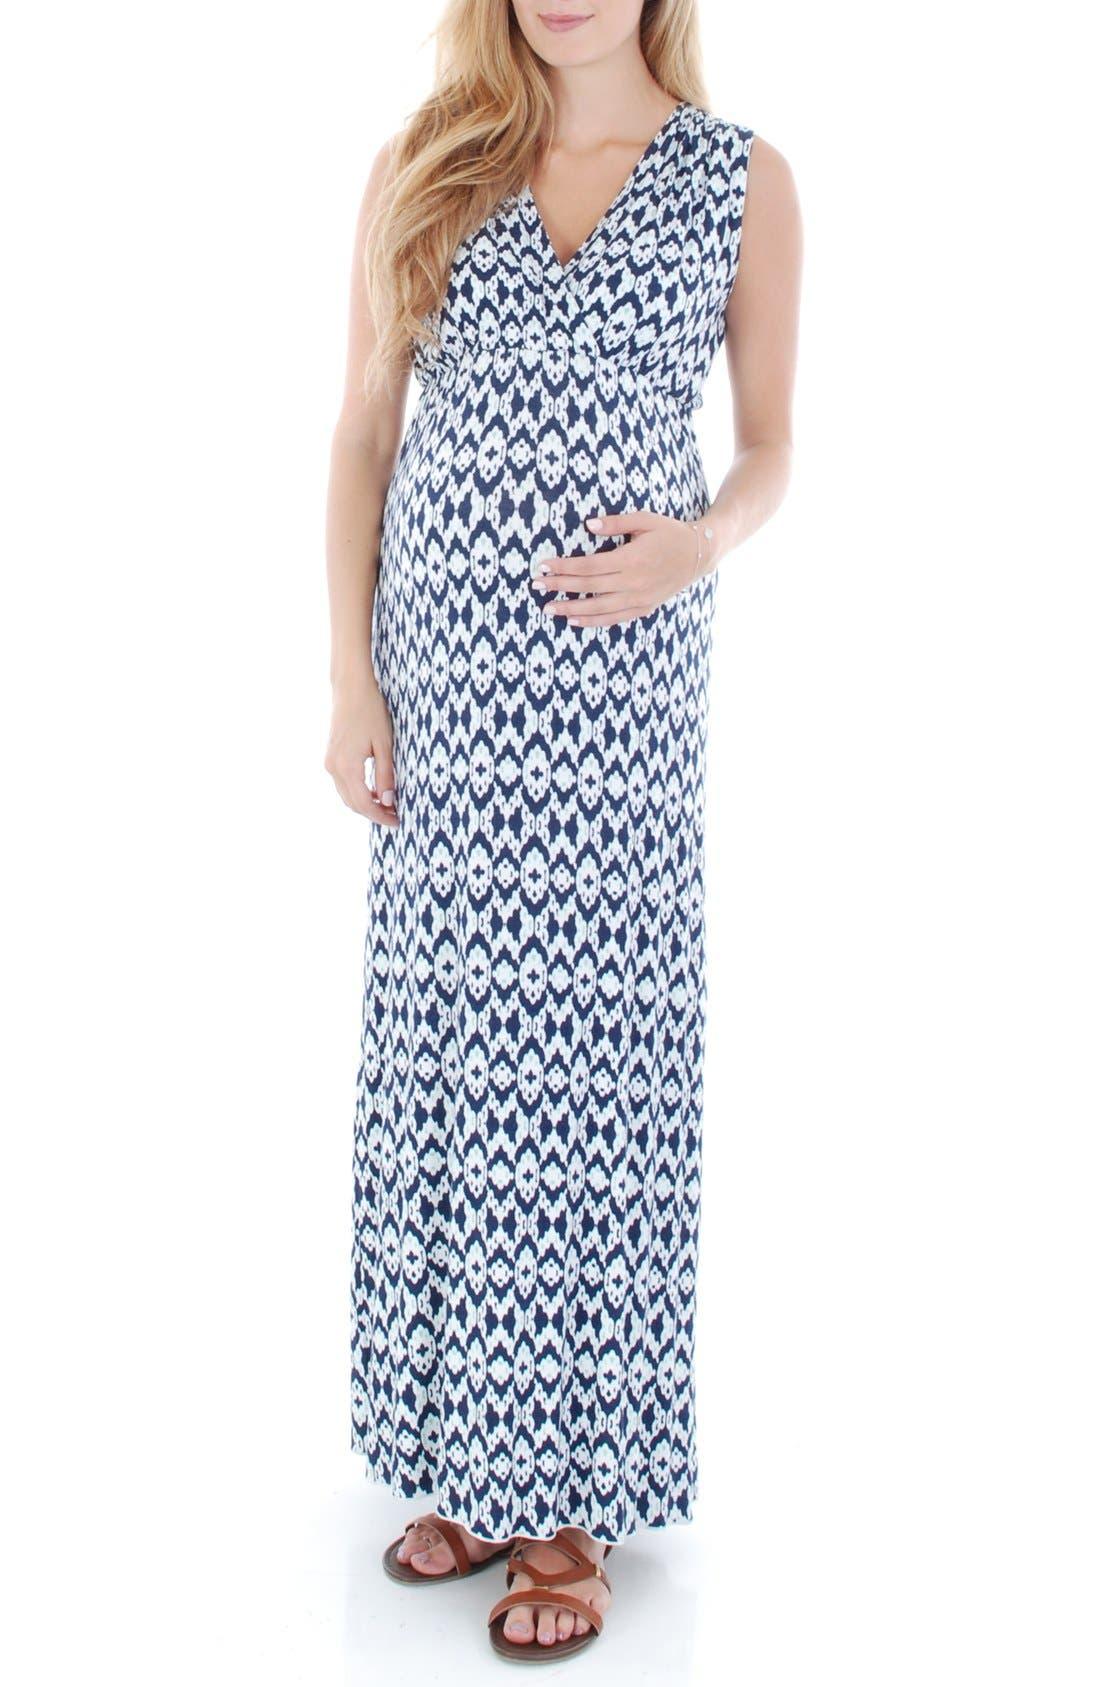 'Jill' Maternity Maxi Dress,                             Main thumbnail 1, color,                             400